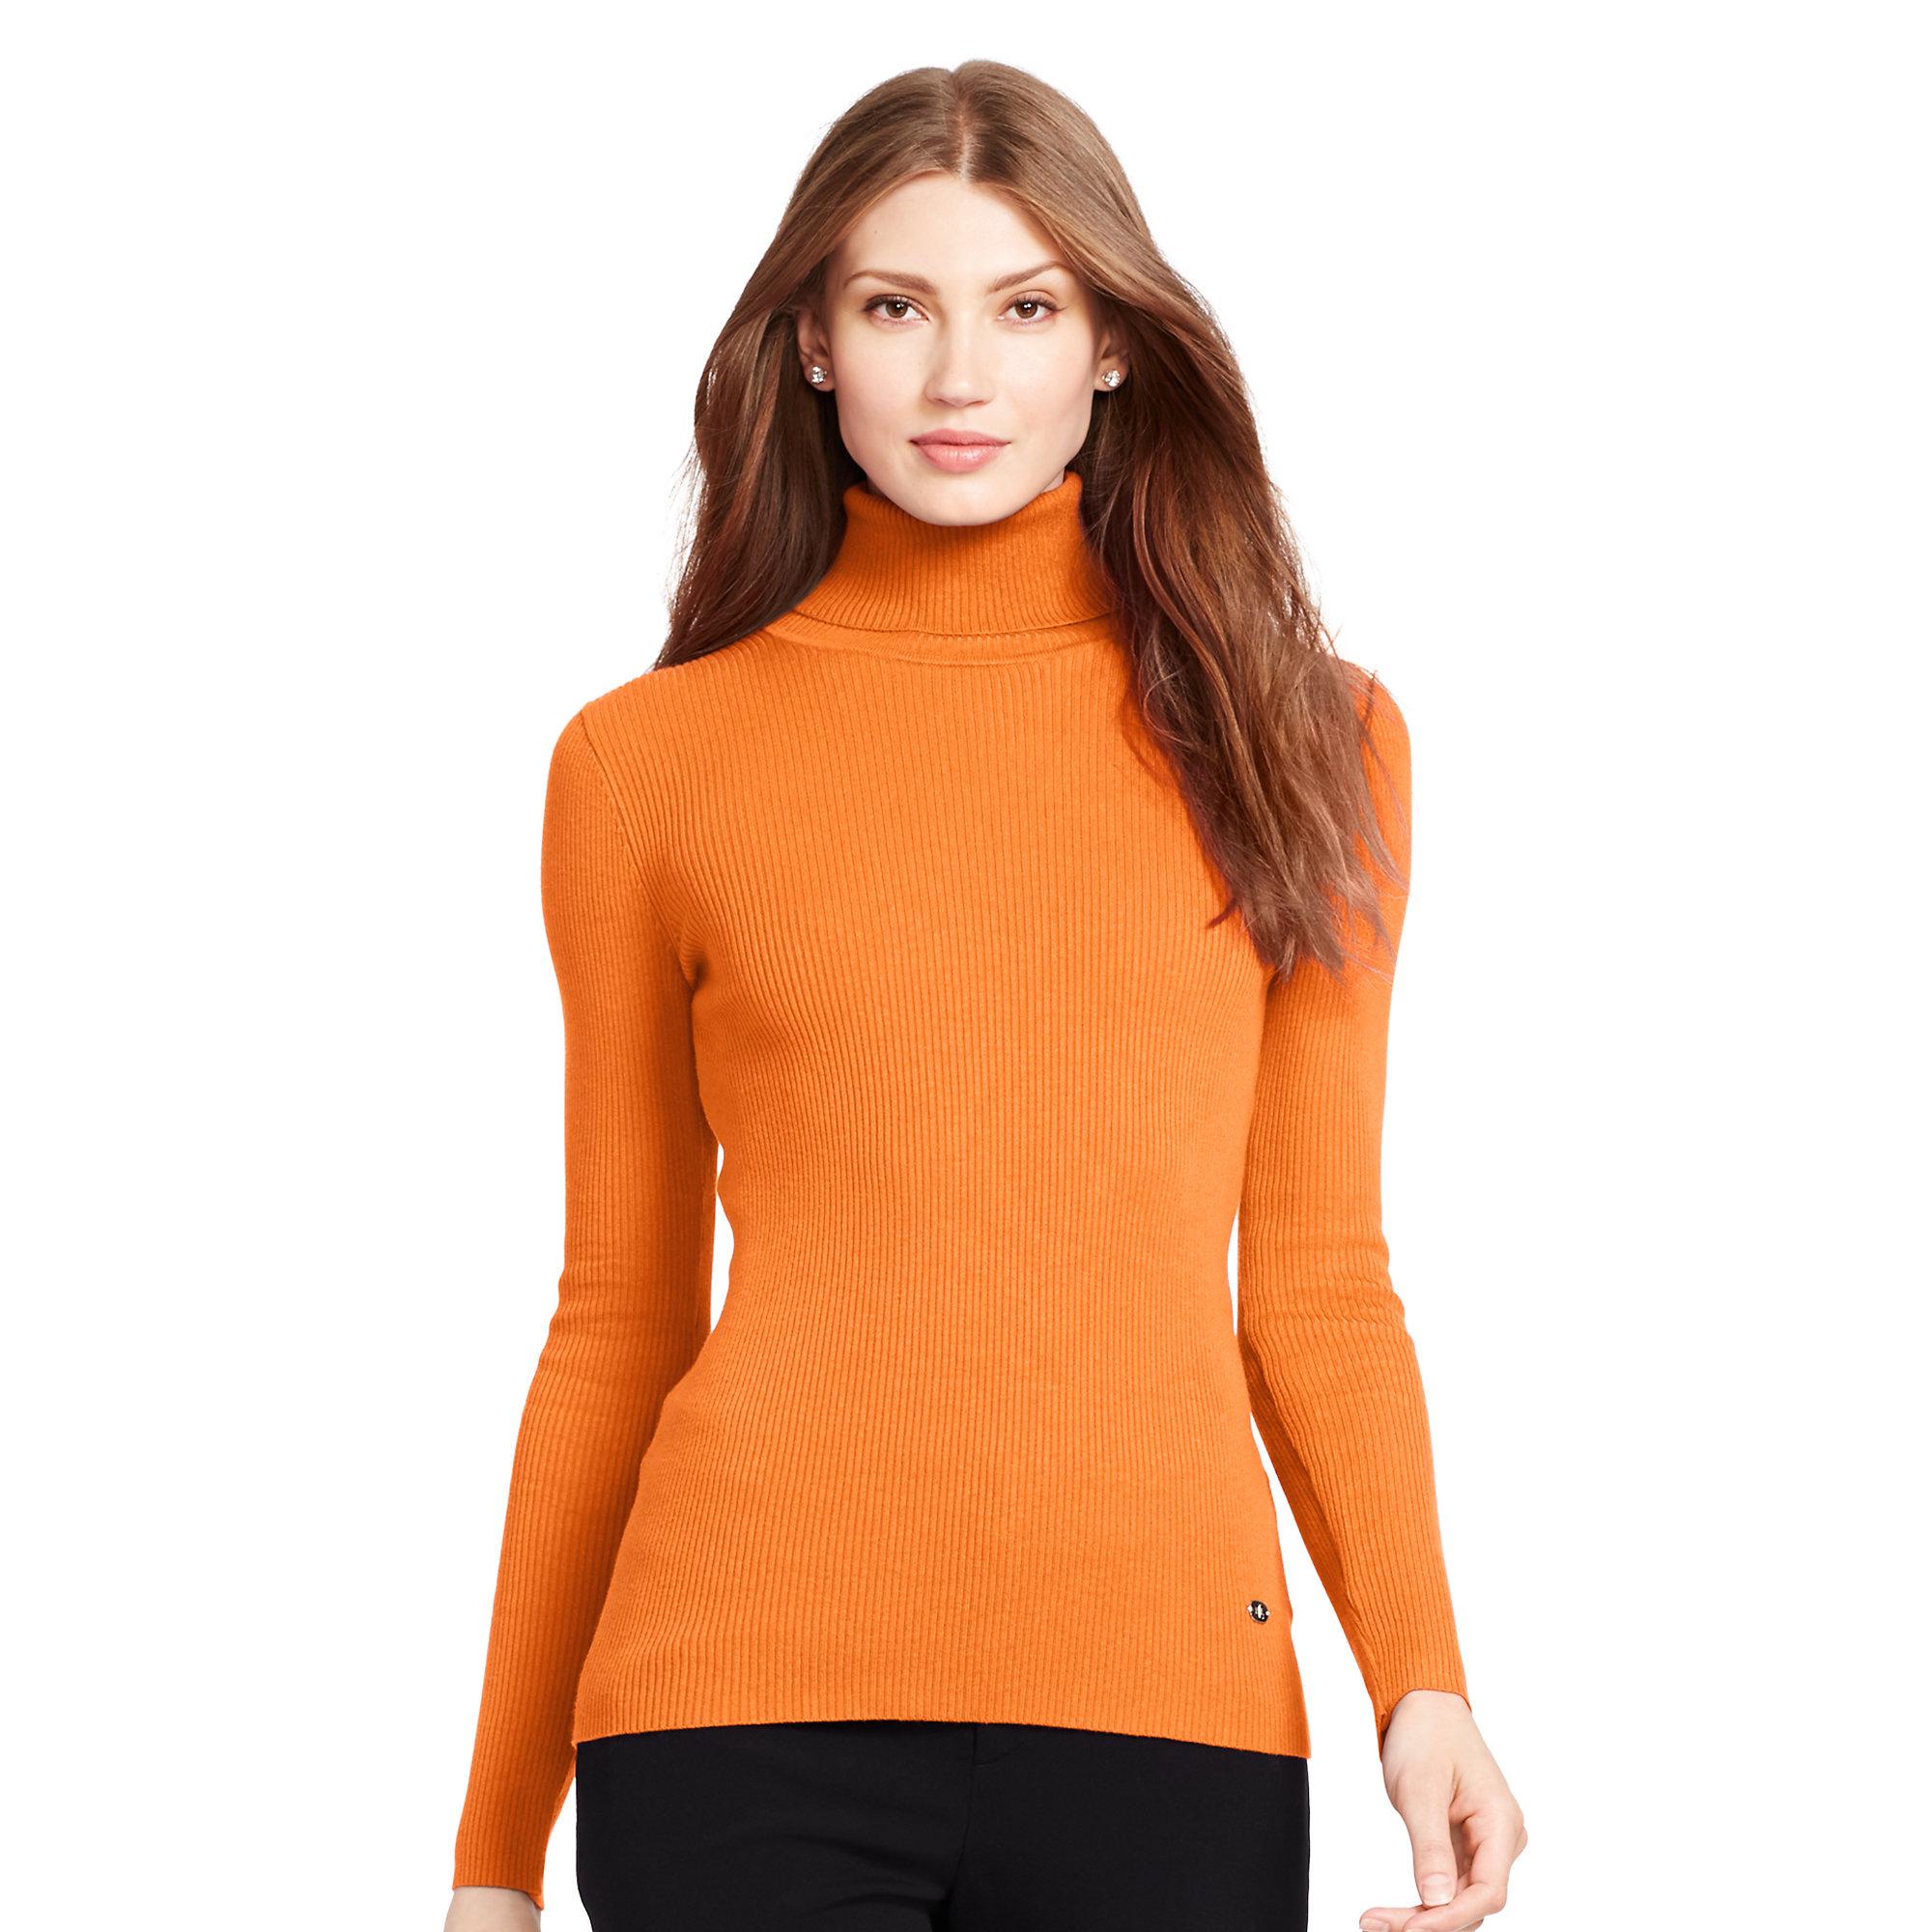 Ralph lauren Ribbed Turtleneck Sweater in Orange   Lyst